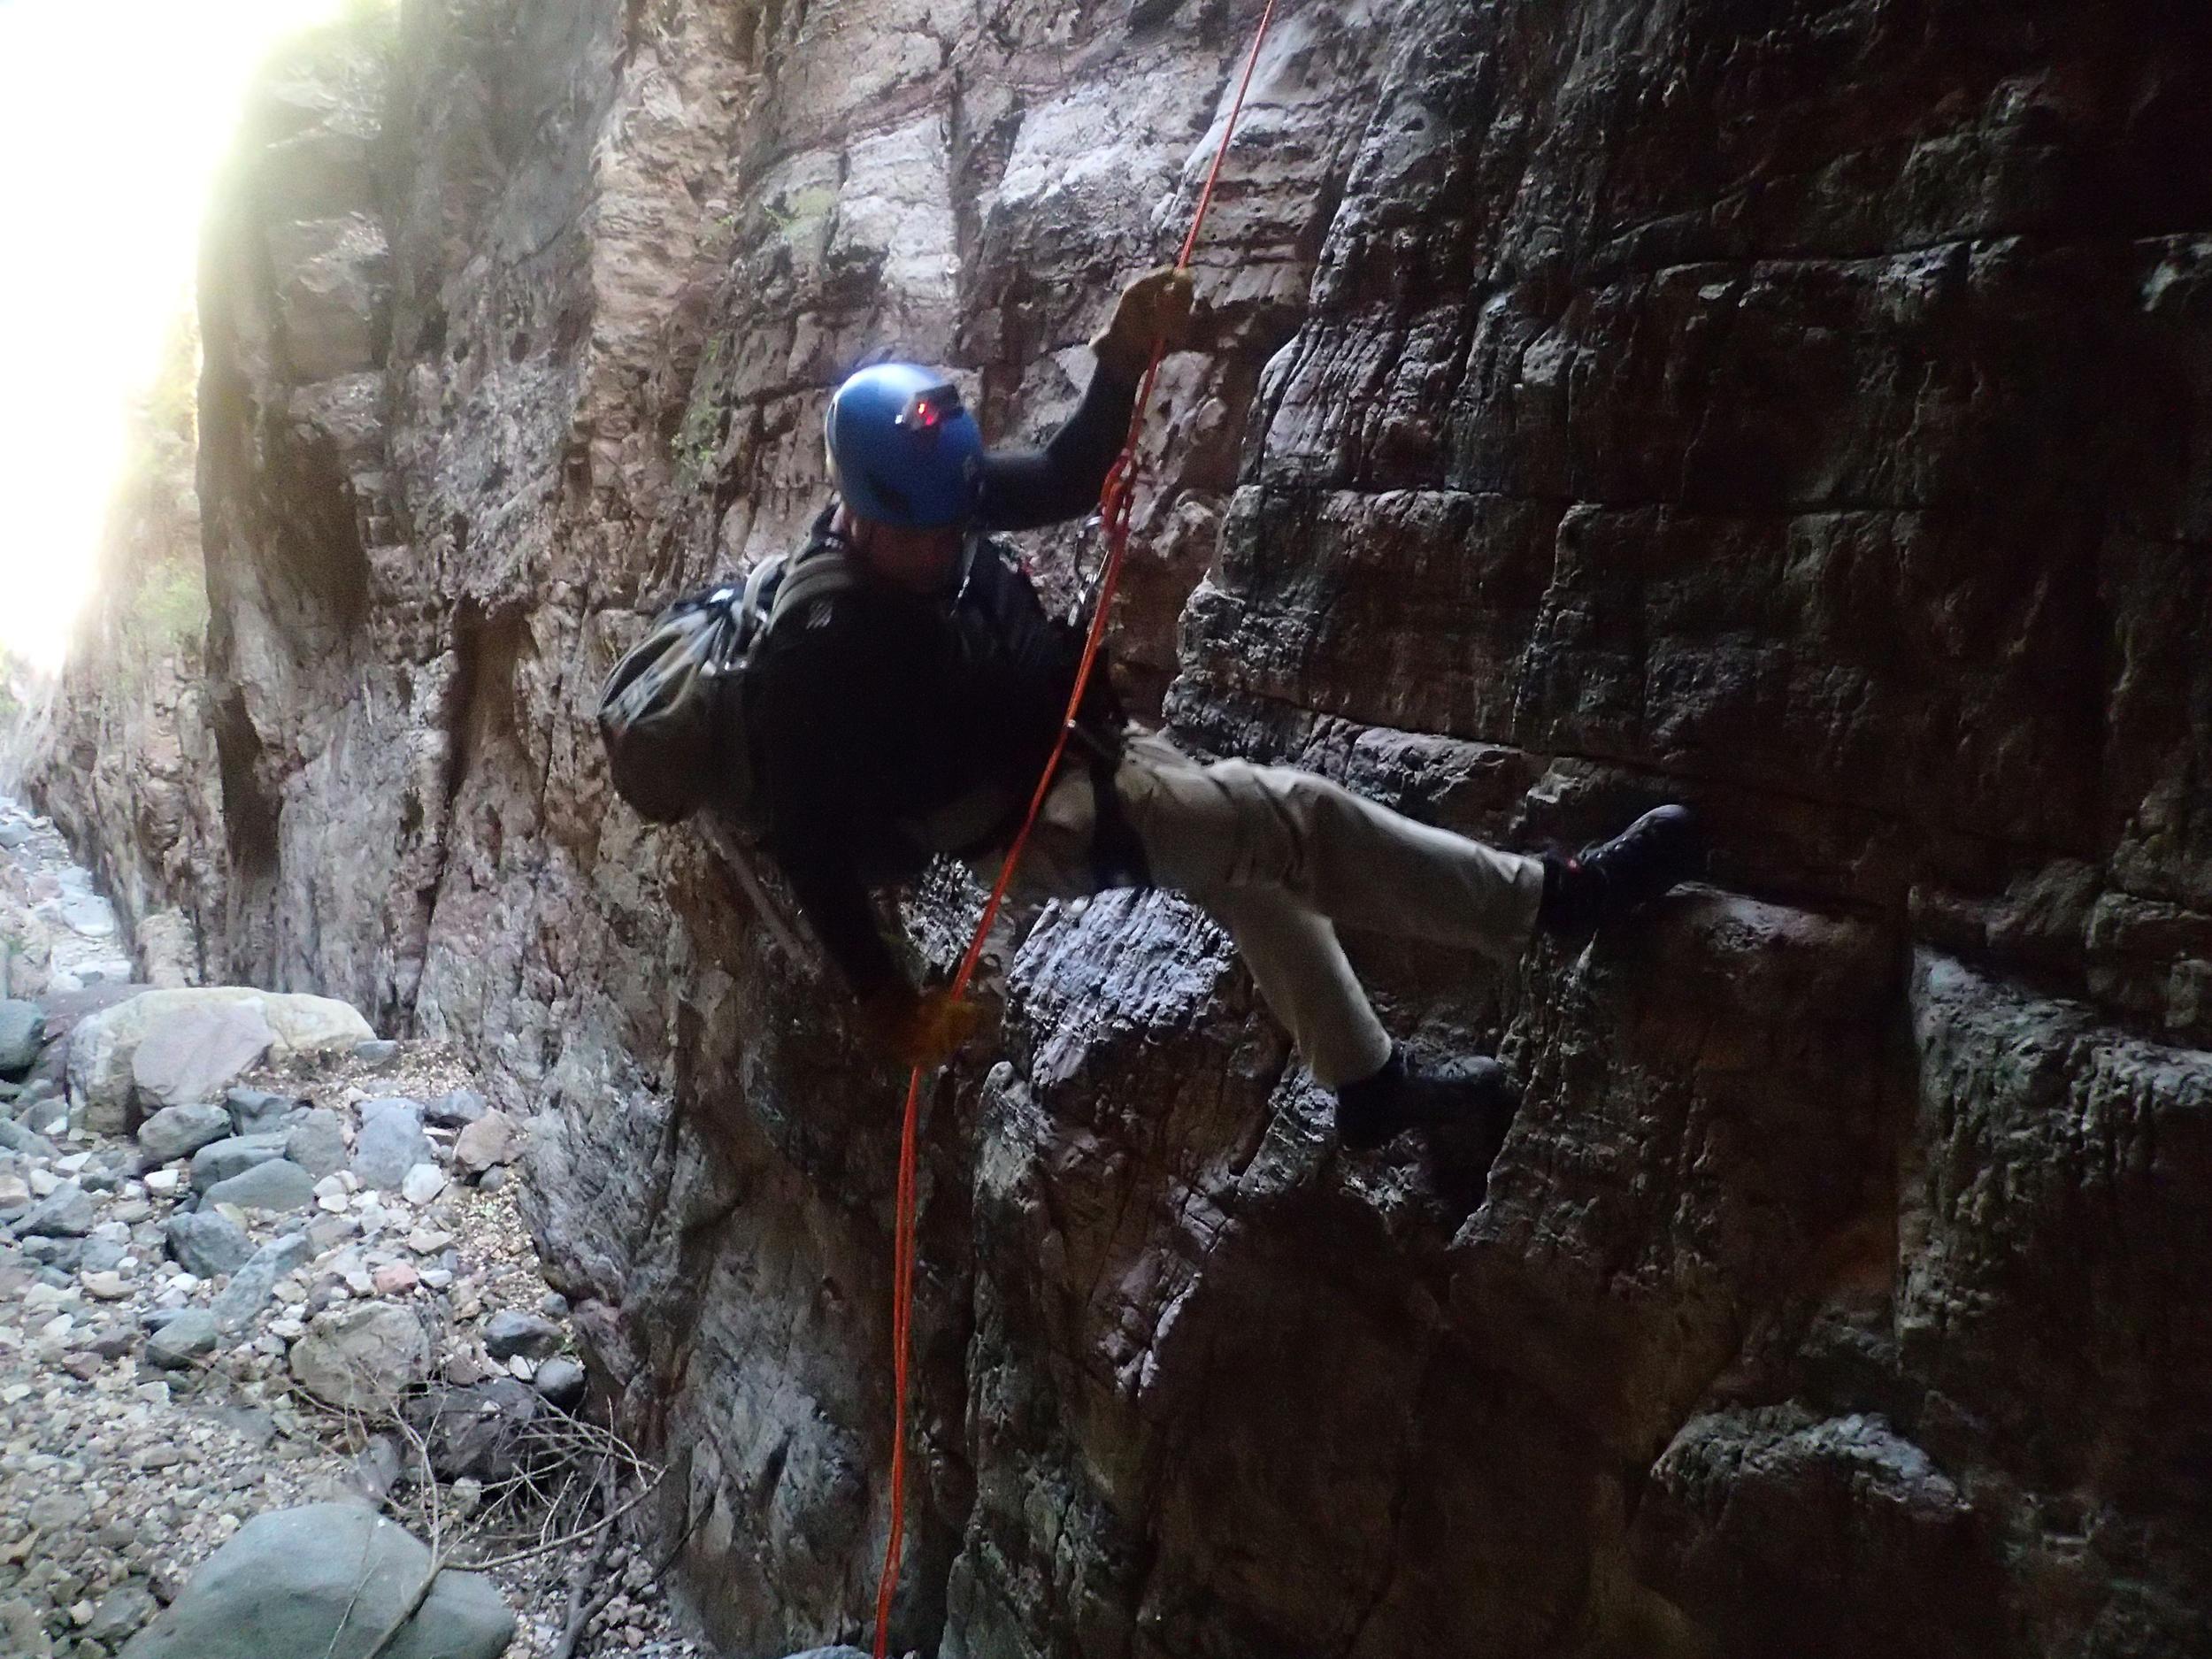 Pueblo Canyon, AZ - 156